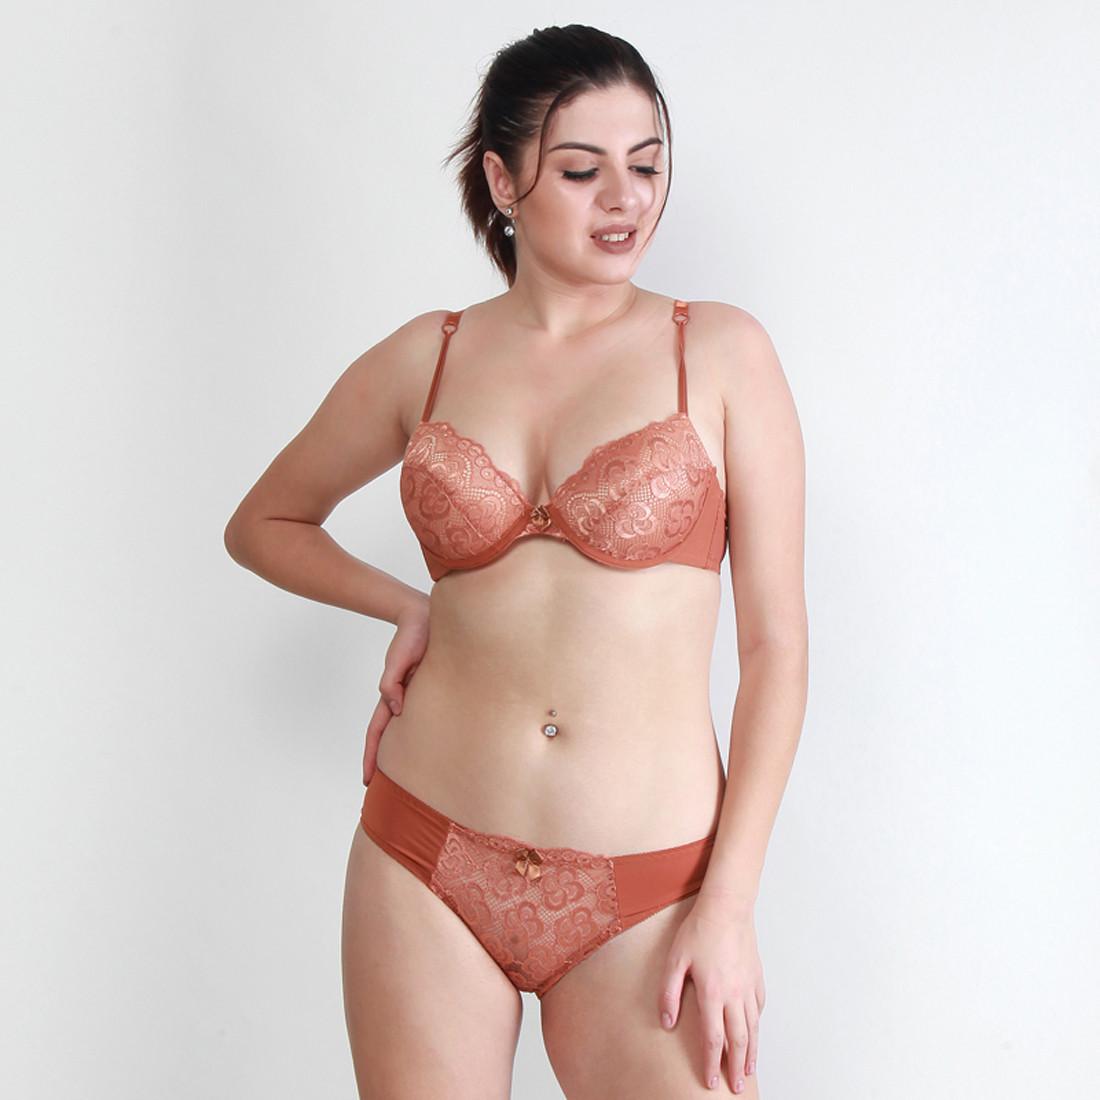 Makclan Tempting Plunge Lace Vivid Sepia Brown Lingerie Set